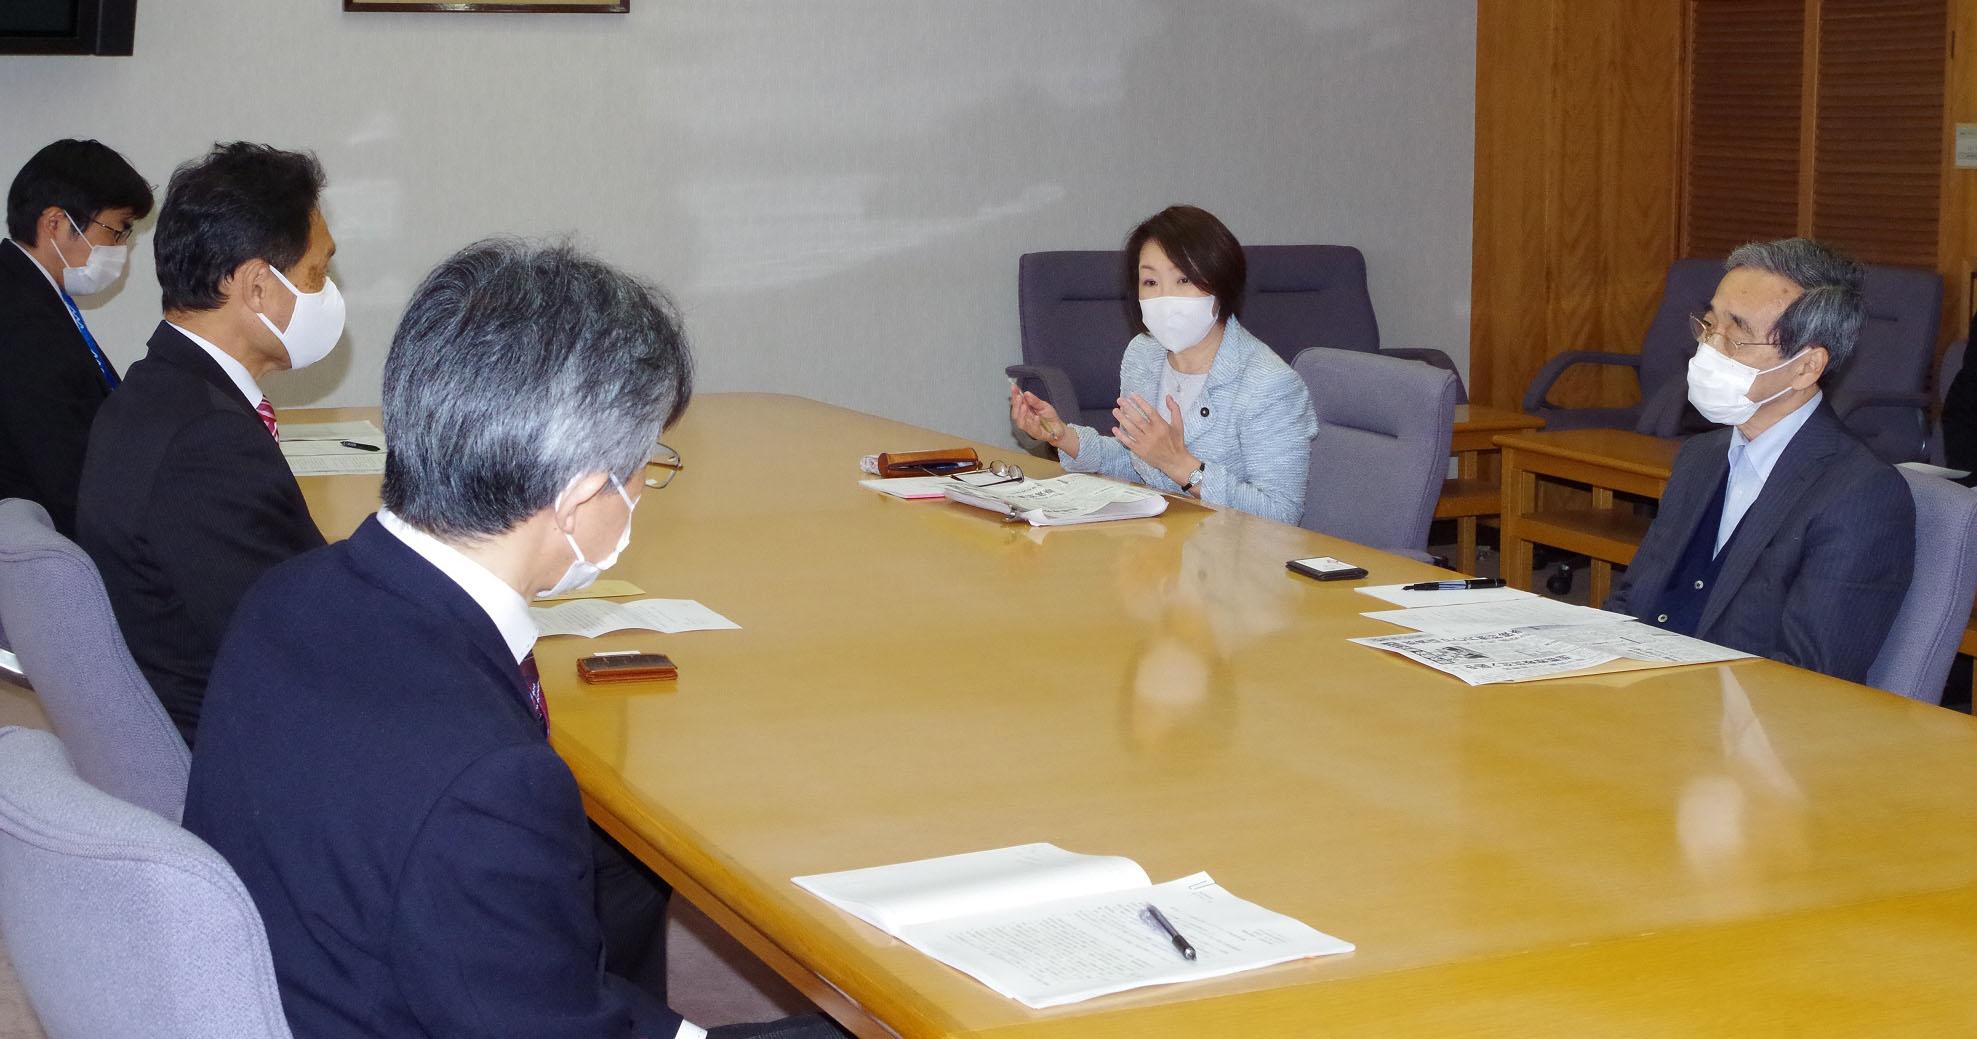 希望者全員に検査を 秋田県に共産党が緊急要請